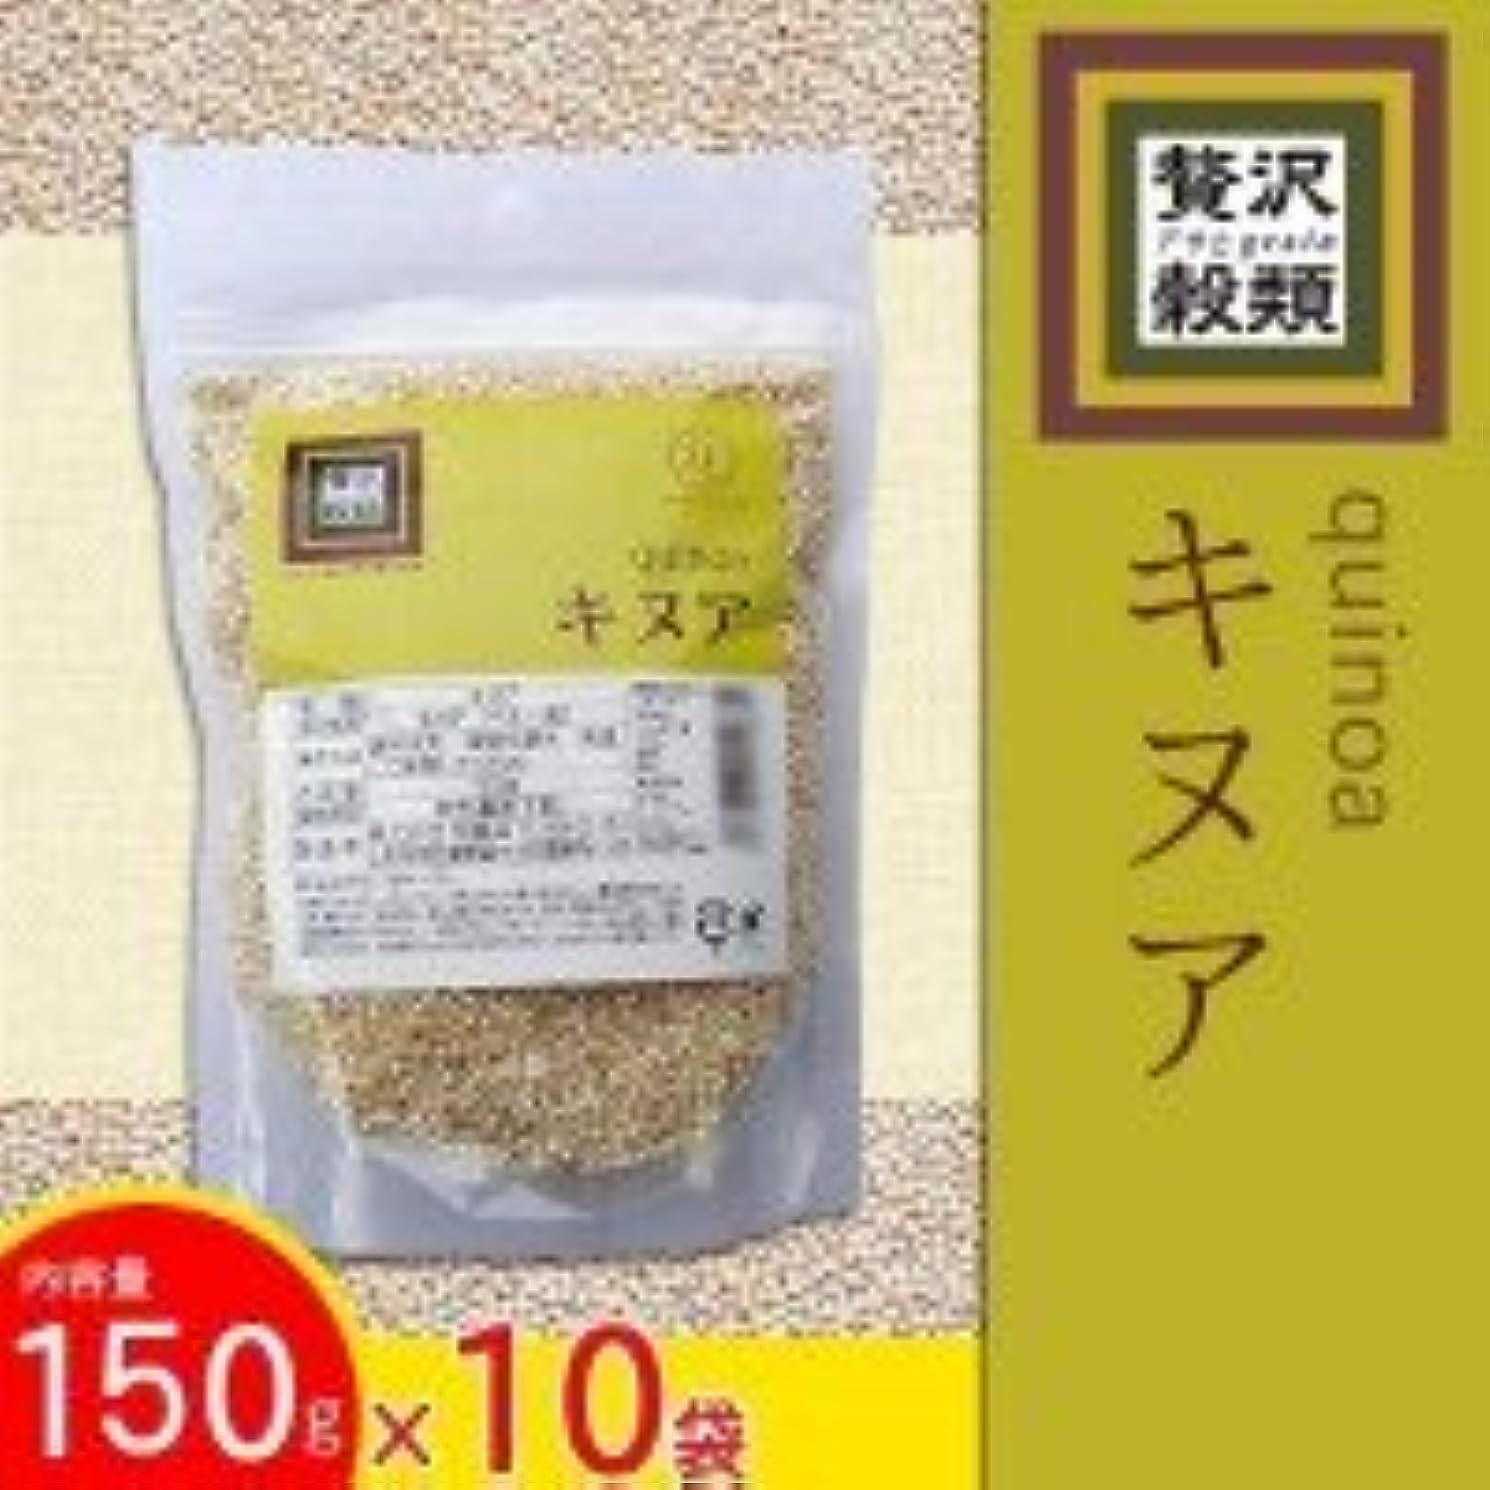 天井かすかな断言する贅沢穀類 キヌア 150g×10袋